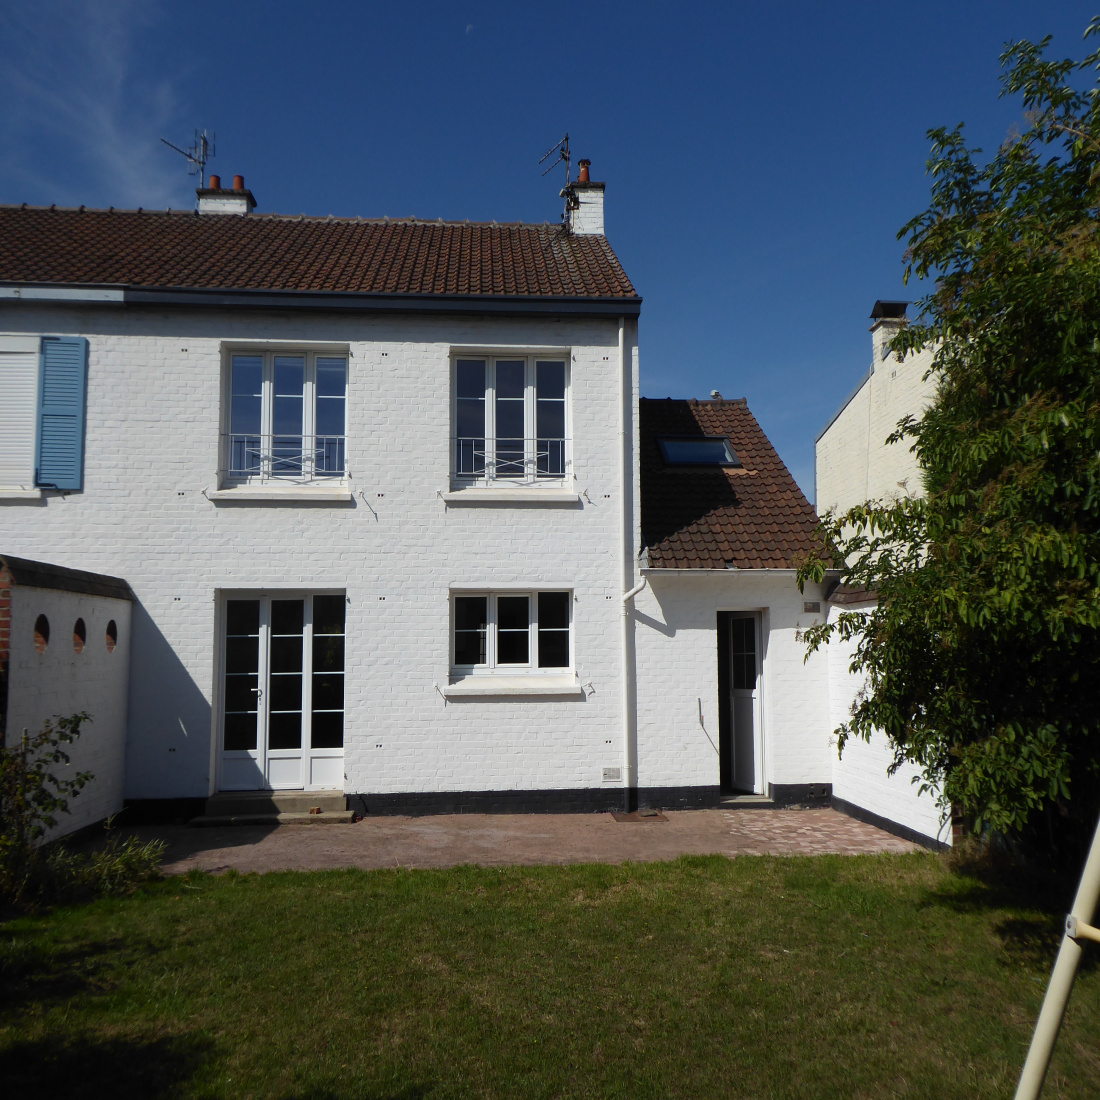 La Maison De Maggy Bondues vente lambersart, maison 4 chambres, garage et jardin | abrinor